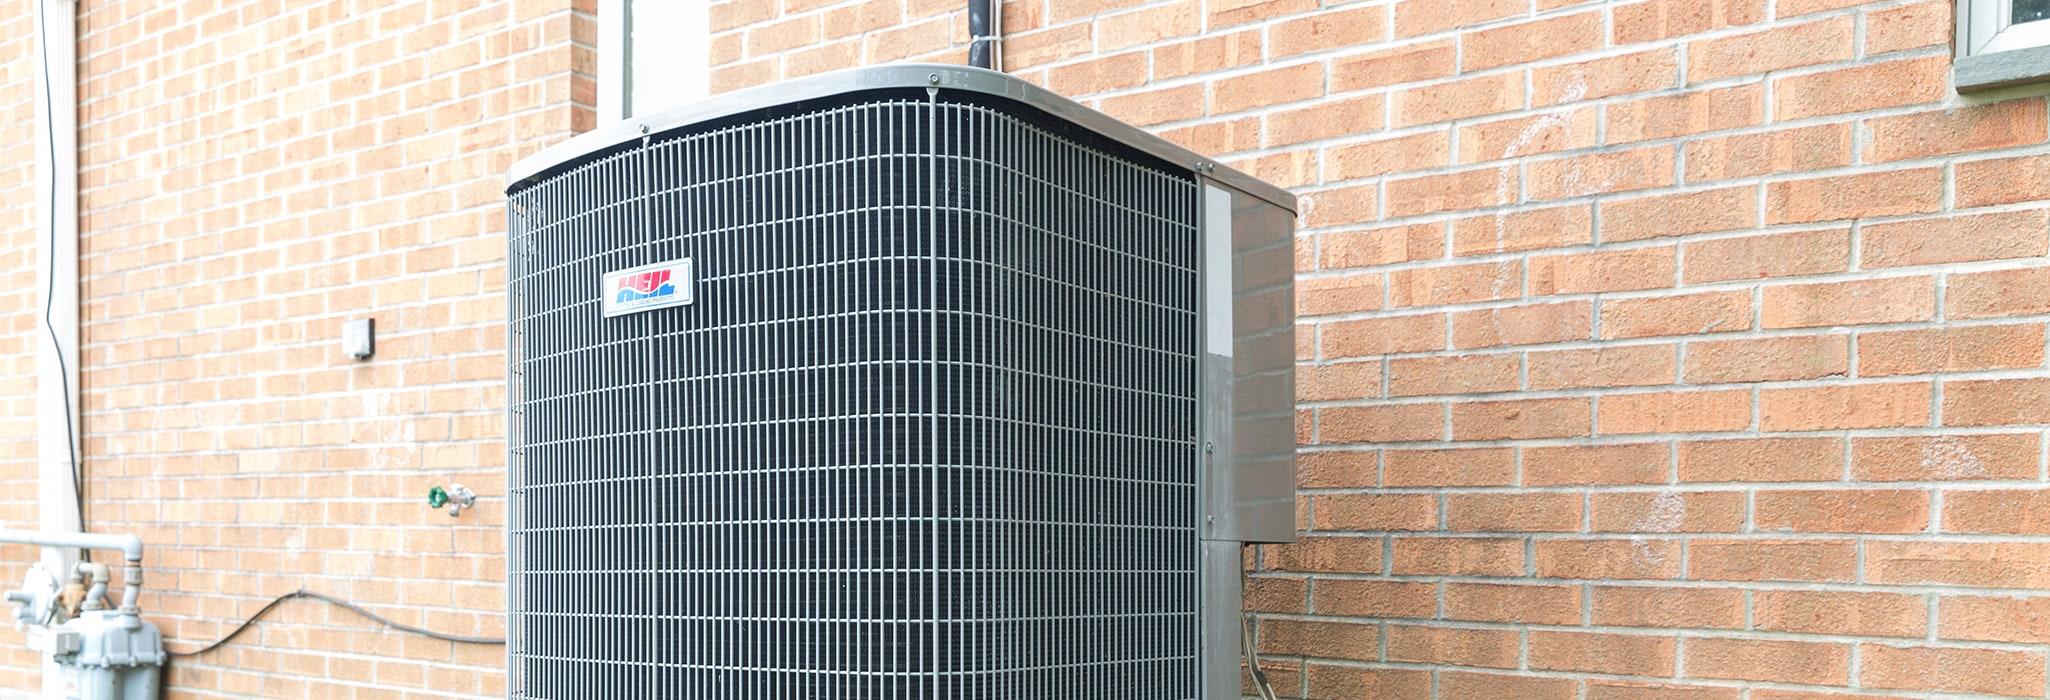 HVAC unit outside.